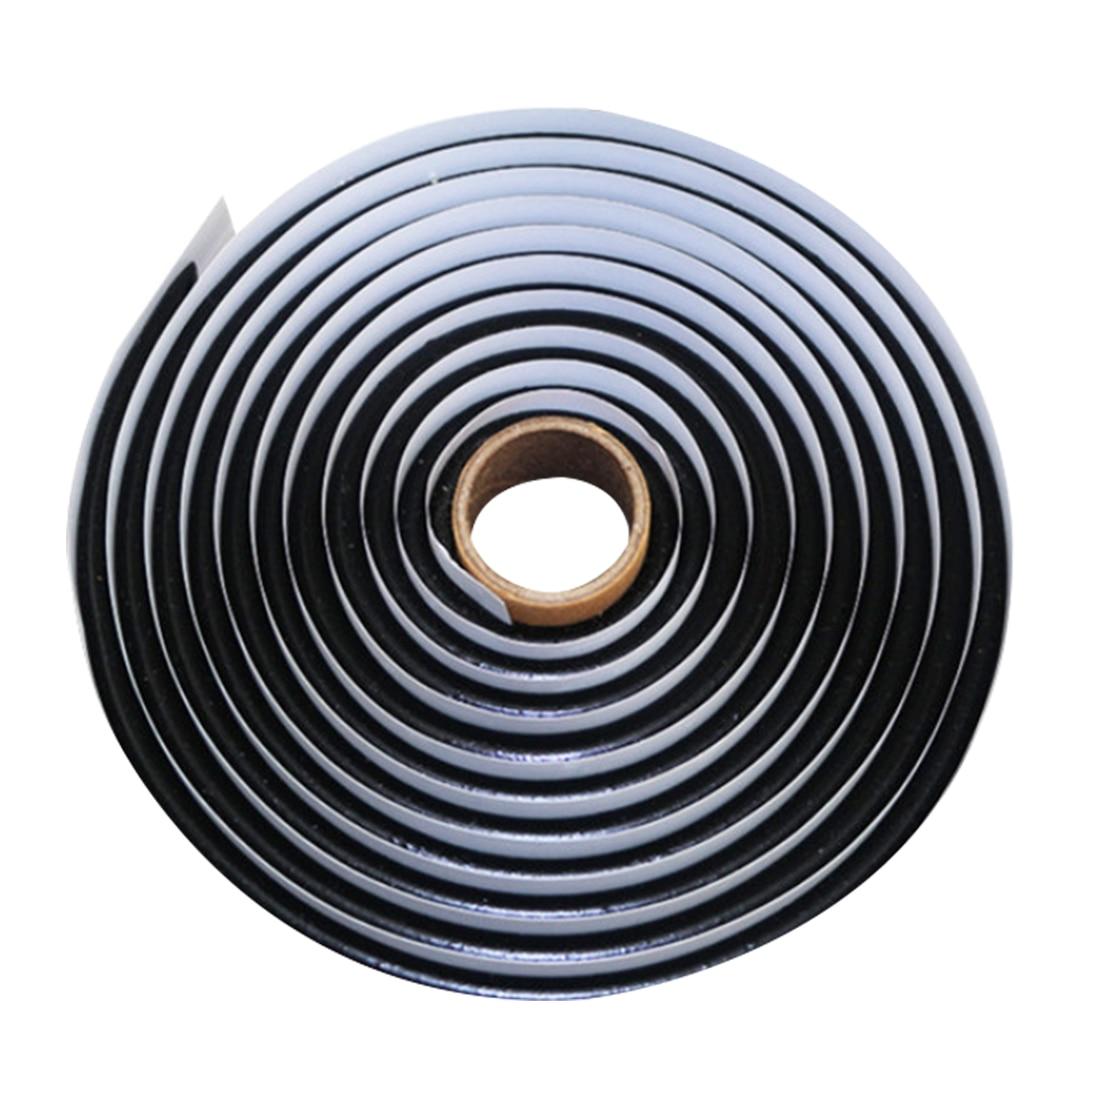 Dewtreetali Heißer 1 stück Schwarz Gummi Kleber Scheinwerfer Dichtstoff Retrofit Verschließen Hid Scheinwerfer Rücklicht Schild Kleber Bänder Für Auto